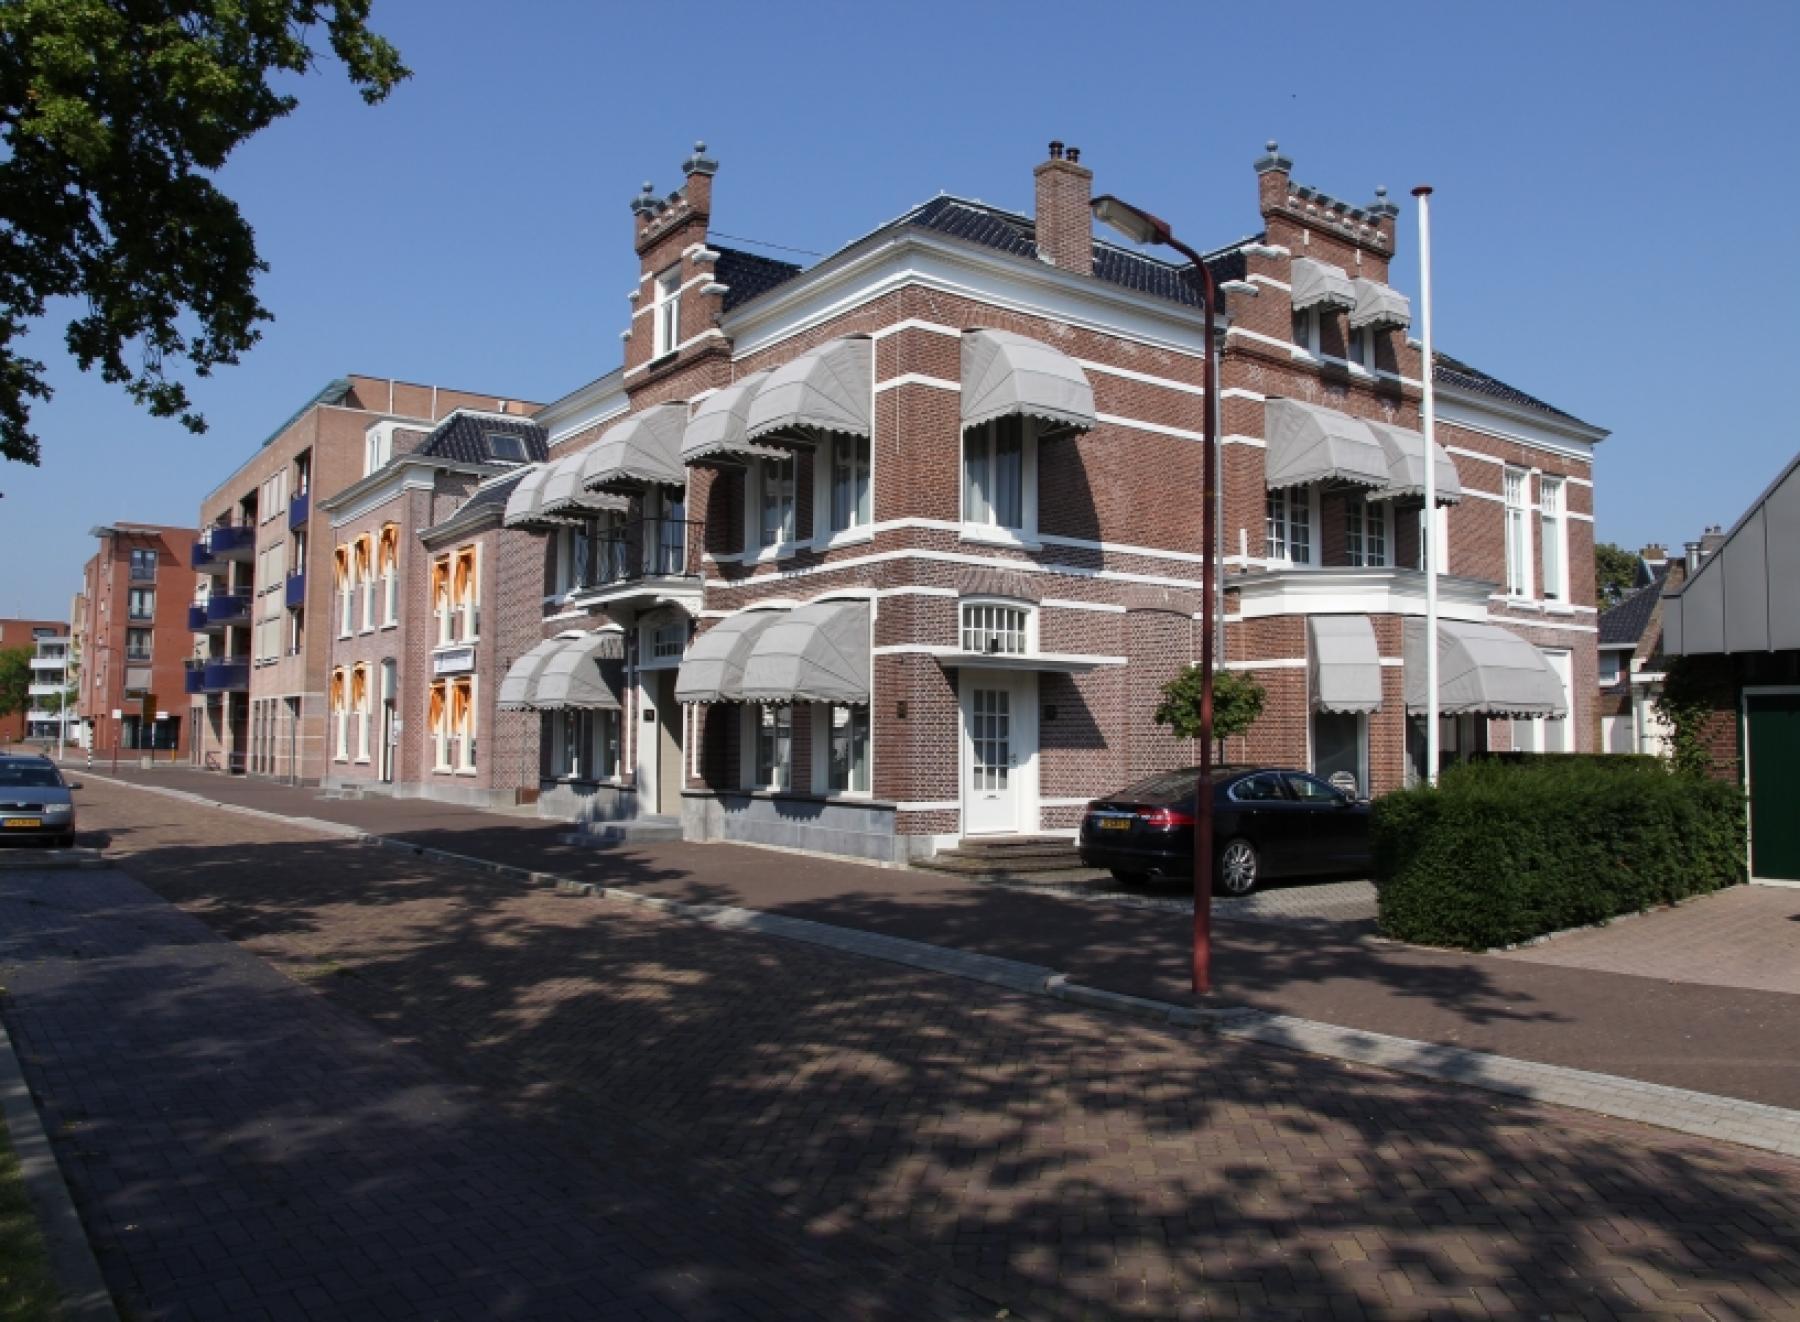 Buitenzijde huren kantoorgebouw Heerenveen zijaanzicht